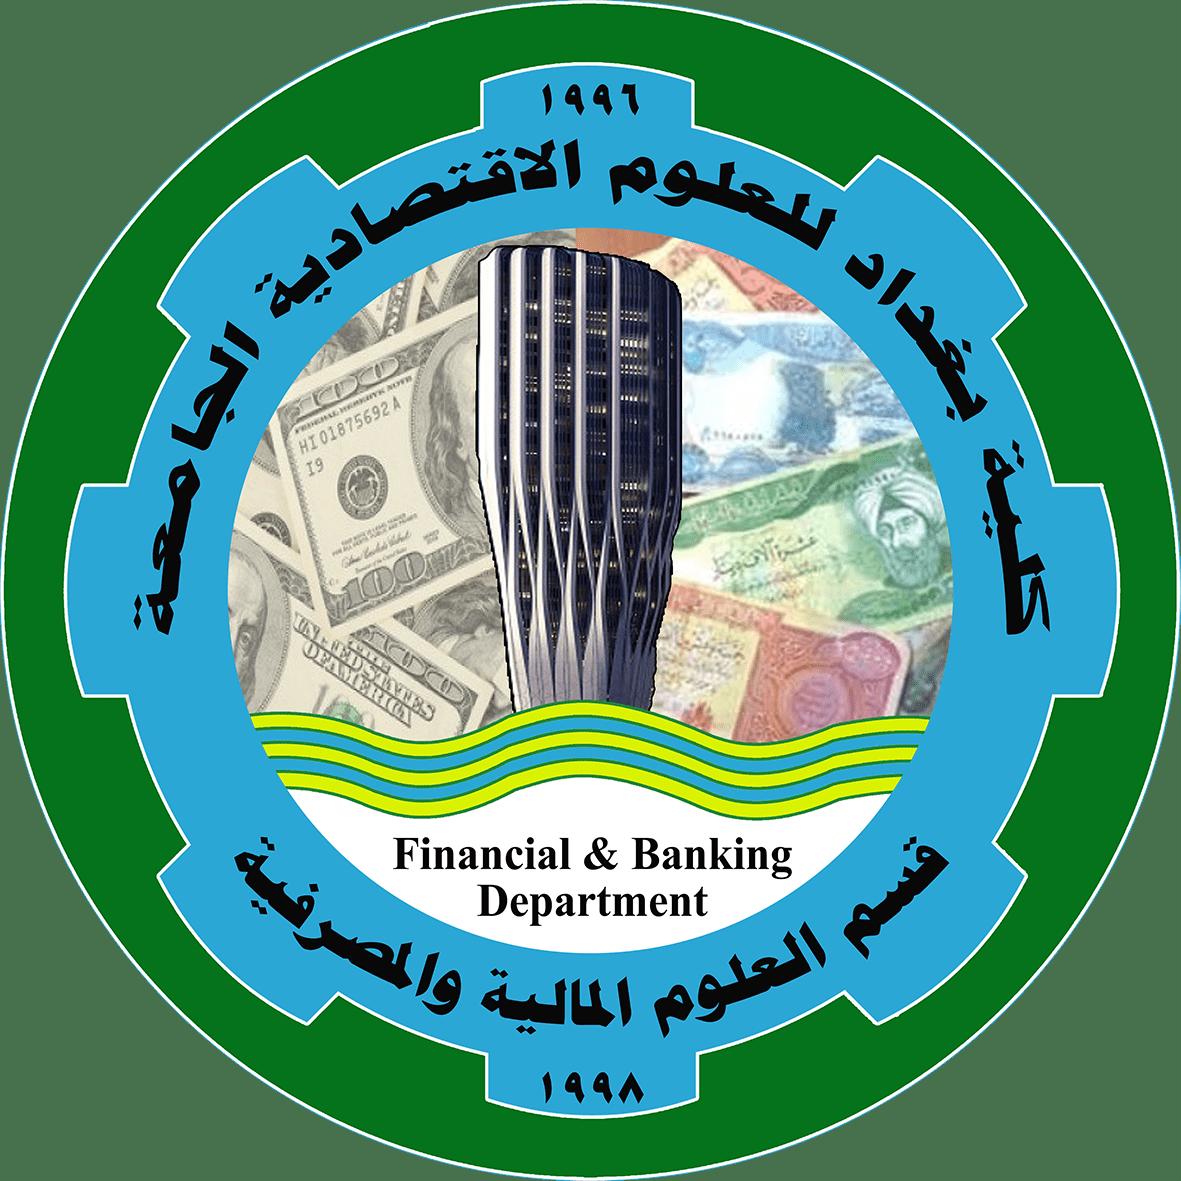 كلية بغداد للعلوم الاقتصادية • https://baghdadcollege.edu.iq/wp-content/uploads/2020/11/ba-logo.png